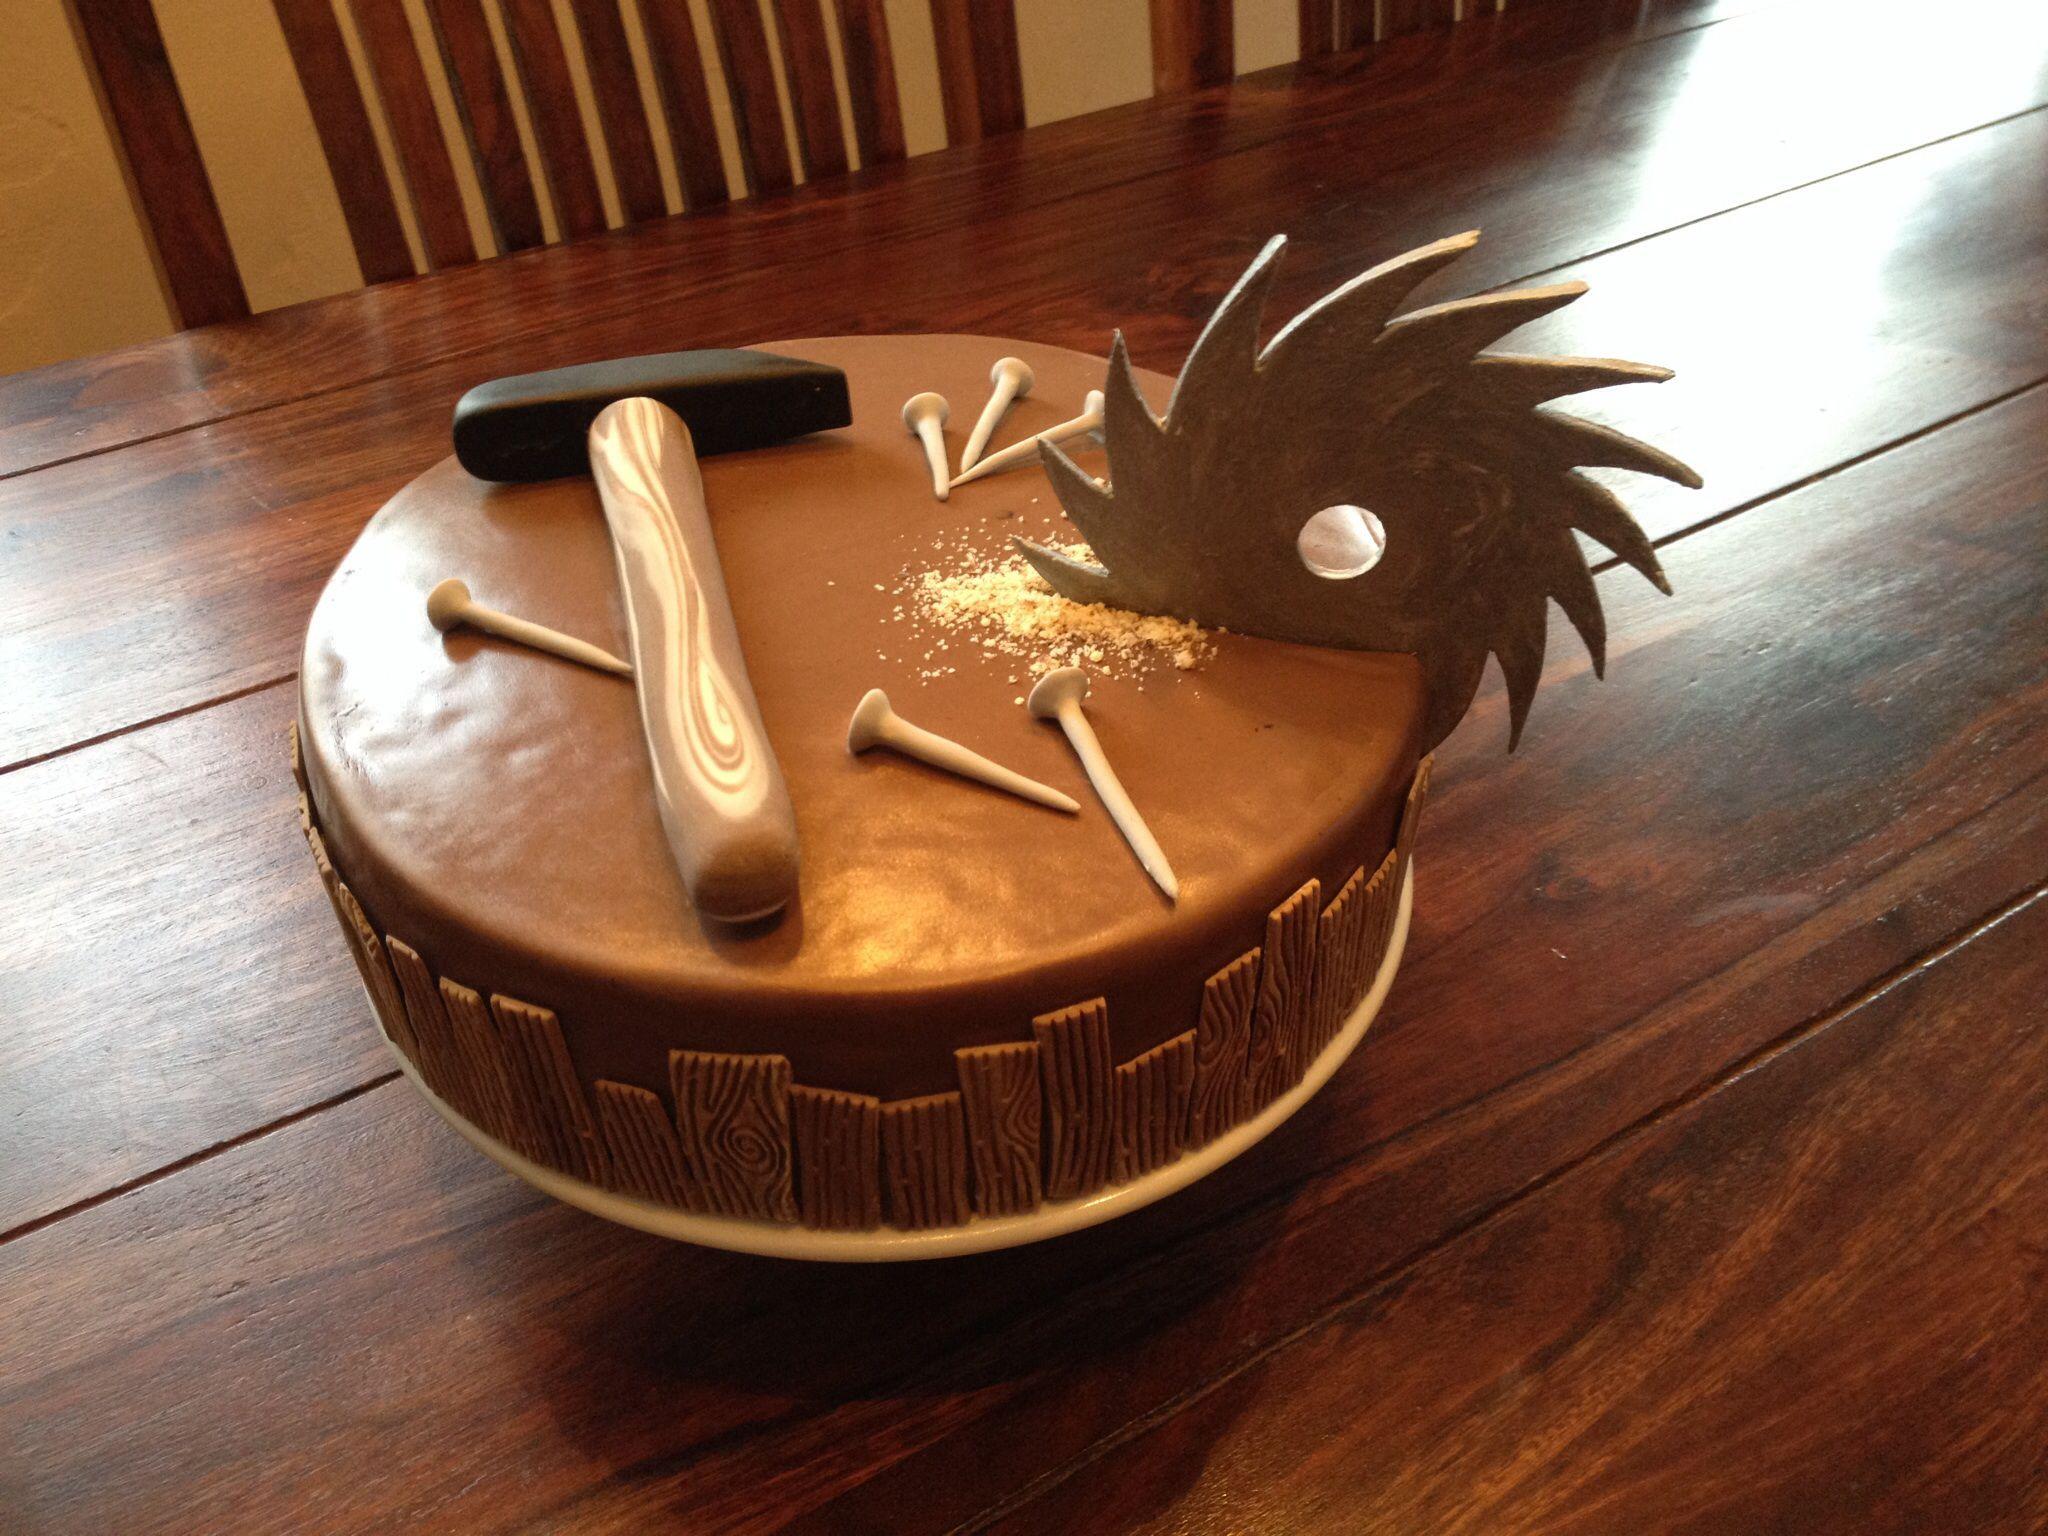 schreiner kuchen creacakes mit liebe handgemacht pinterest schreiner kuchen und liebe. Black Bedroom Furniture Sets. Home Design Ideas